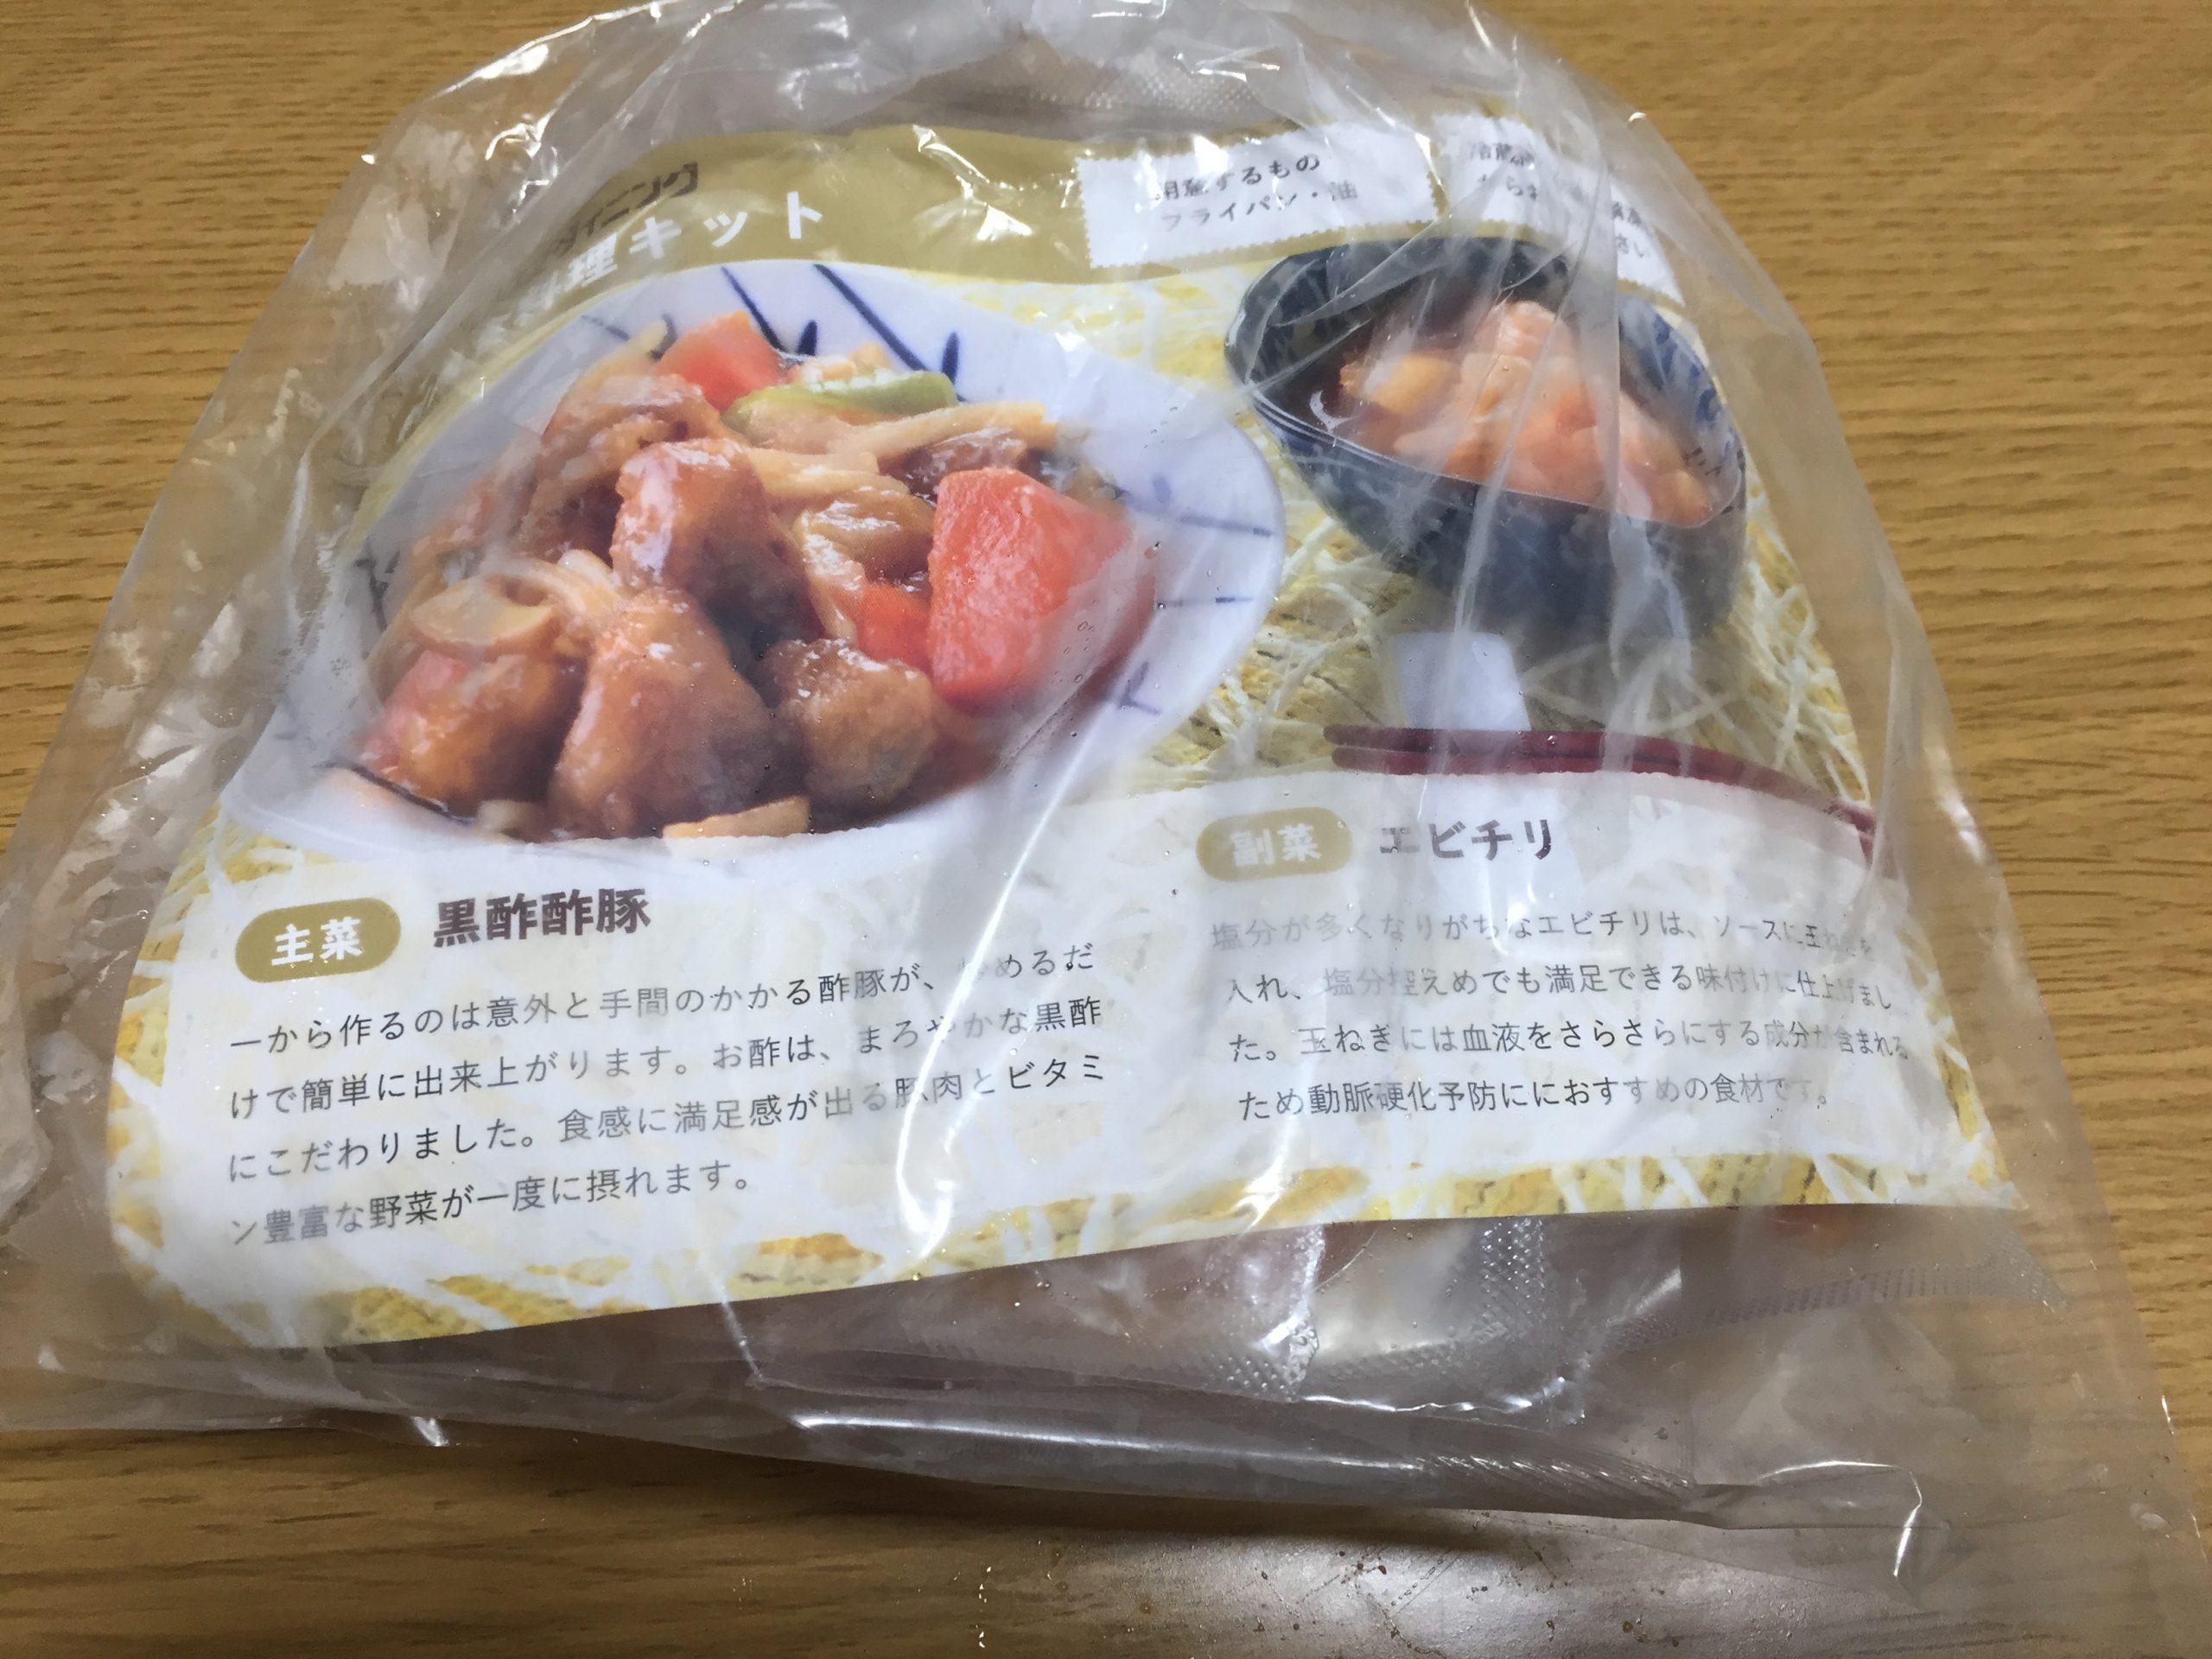 ウェルネスダイニング宅配ミールキット黒酢酢豚表